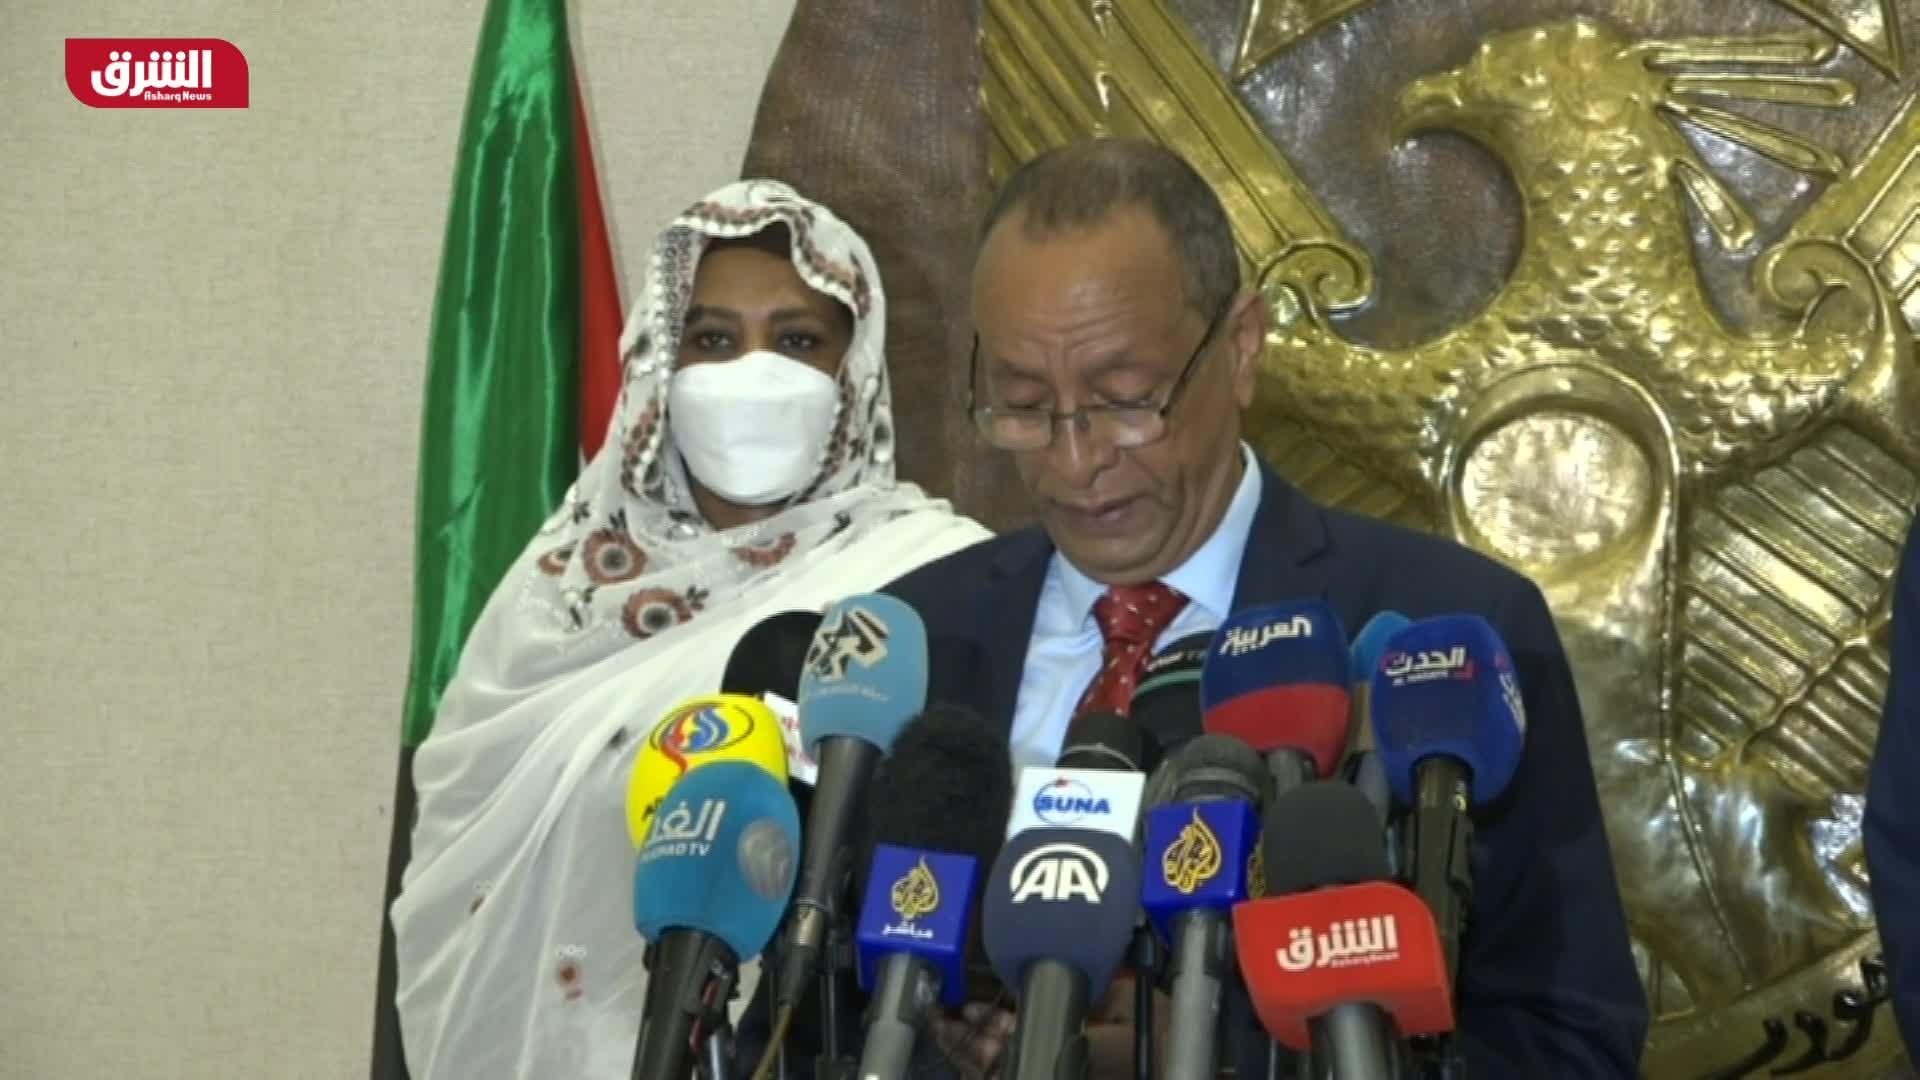 مؤتمر صحفي لوزير الخارجية المصري ونظيره السوداني